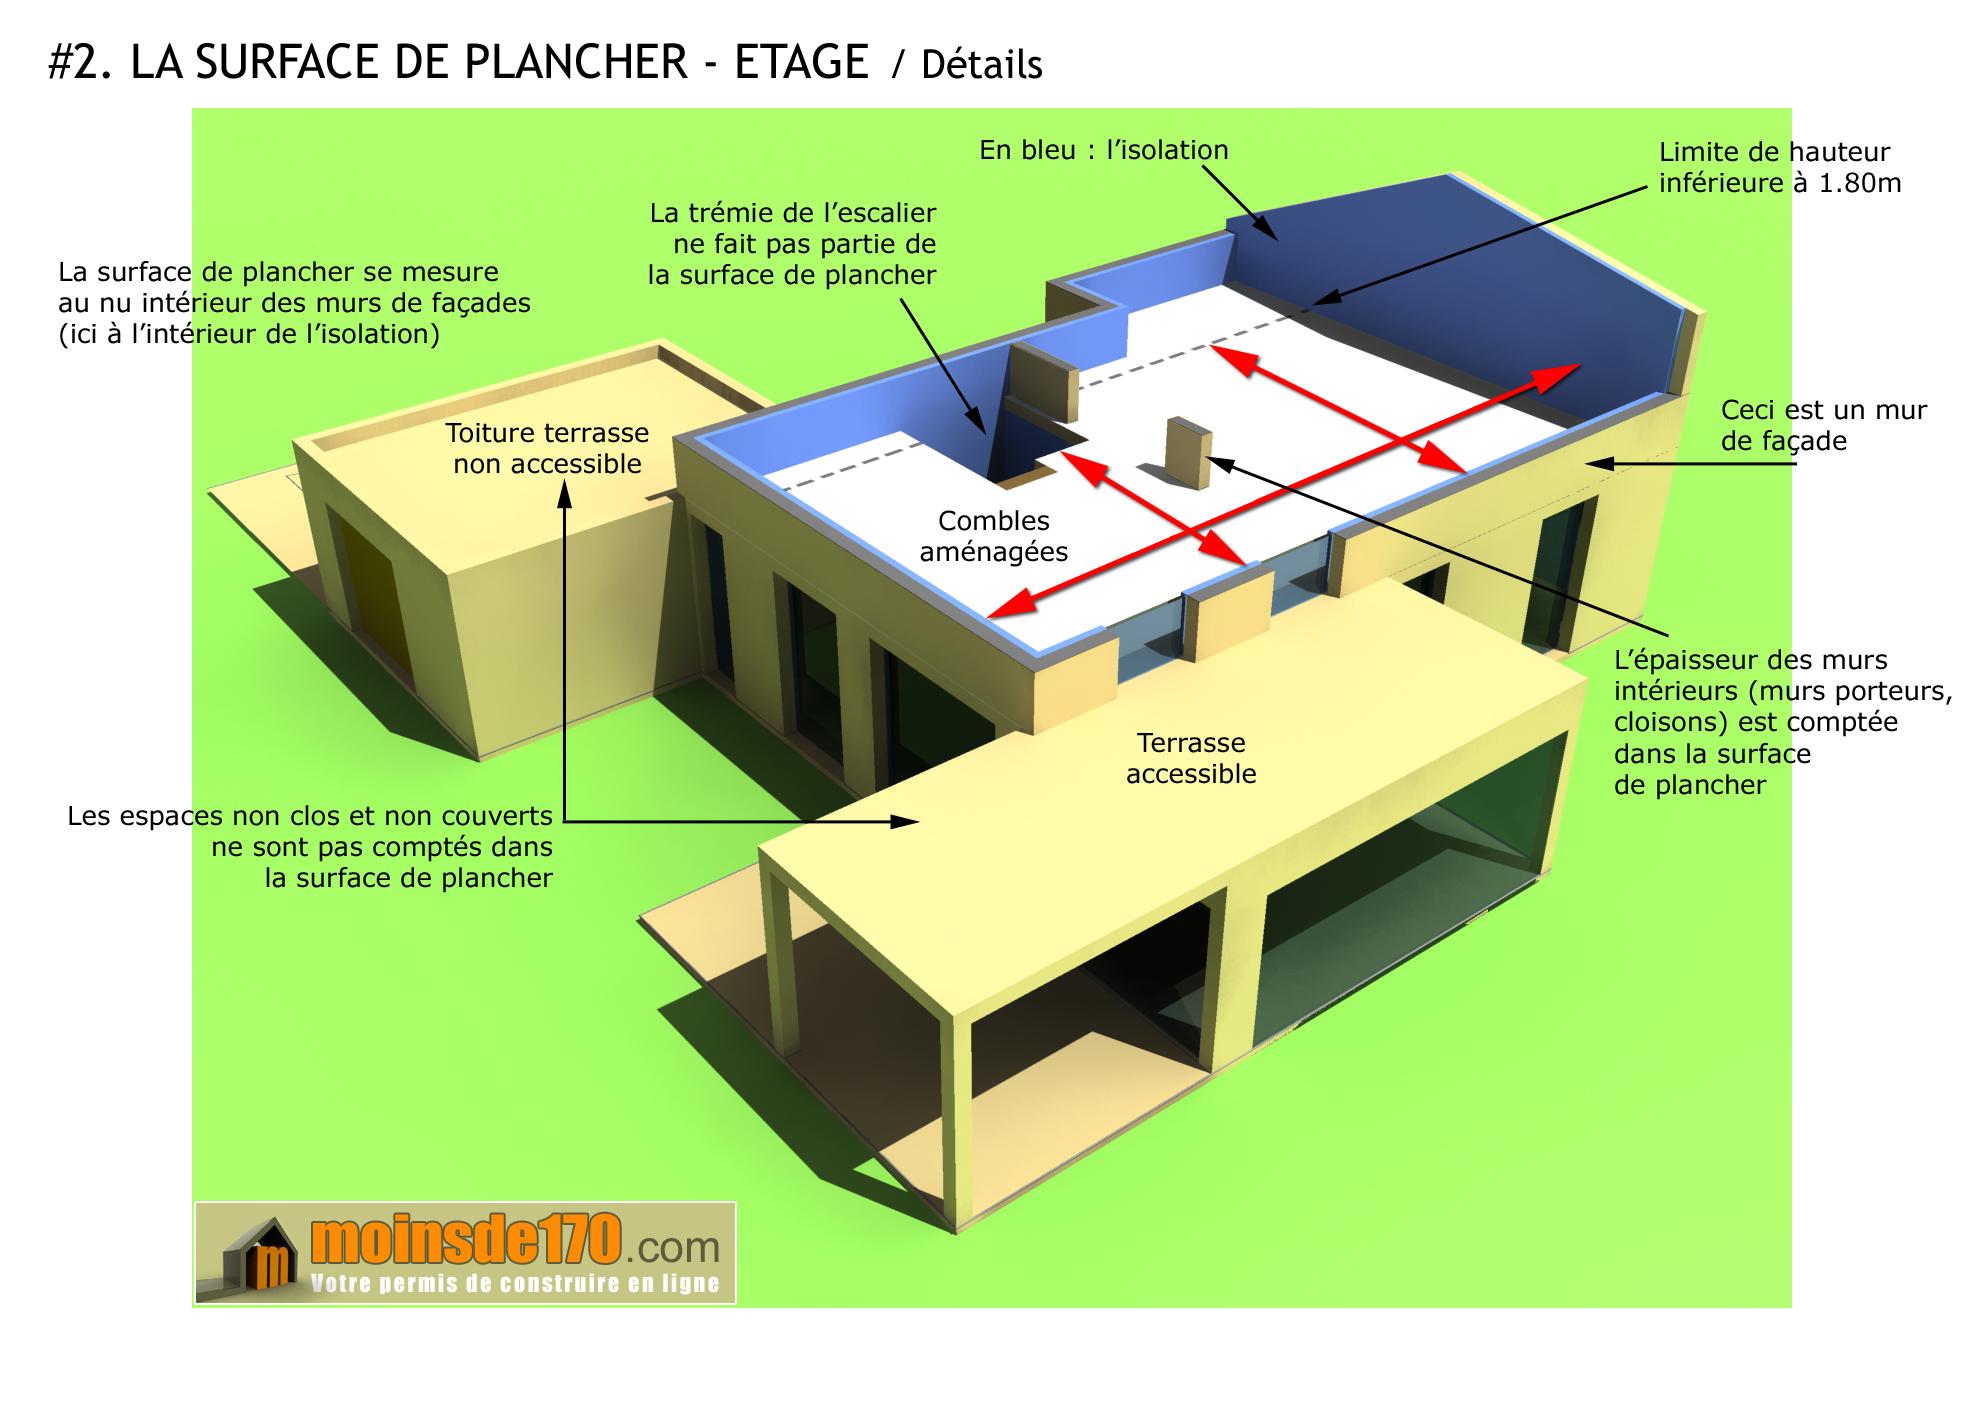 Sur Quoi Poser Un Abri De Jardin surface de plancher - illustration sur un projet de maison